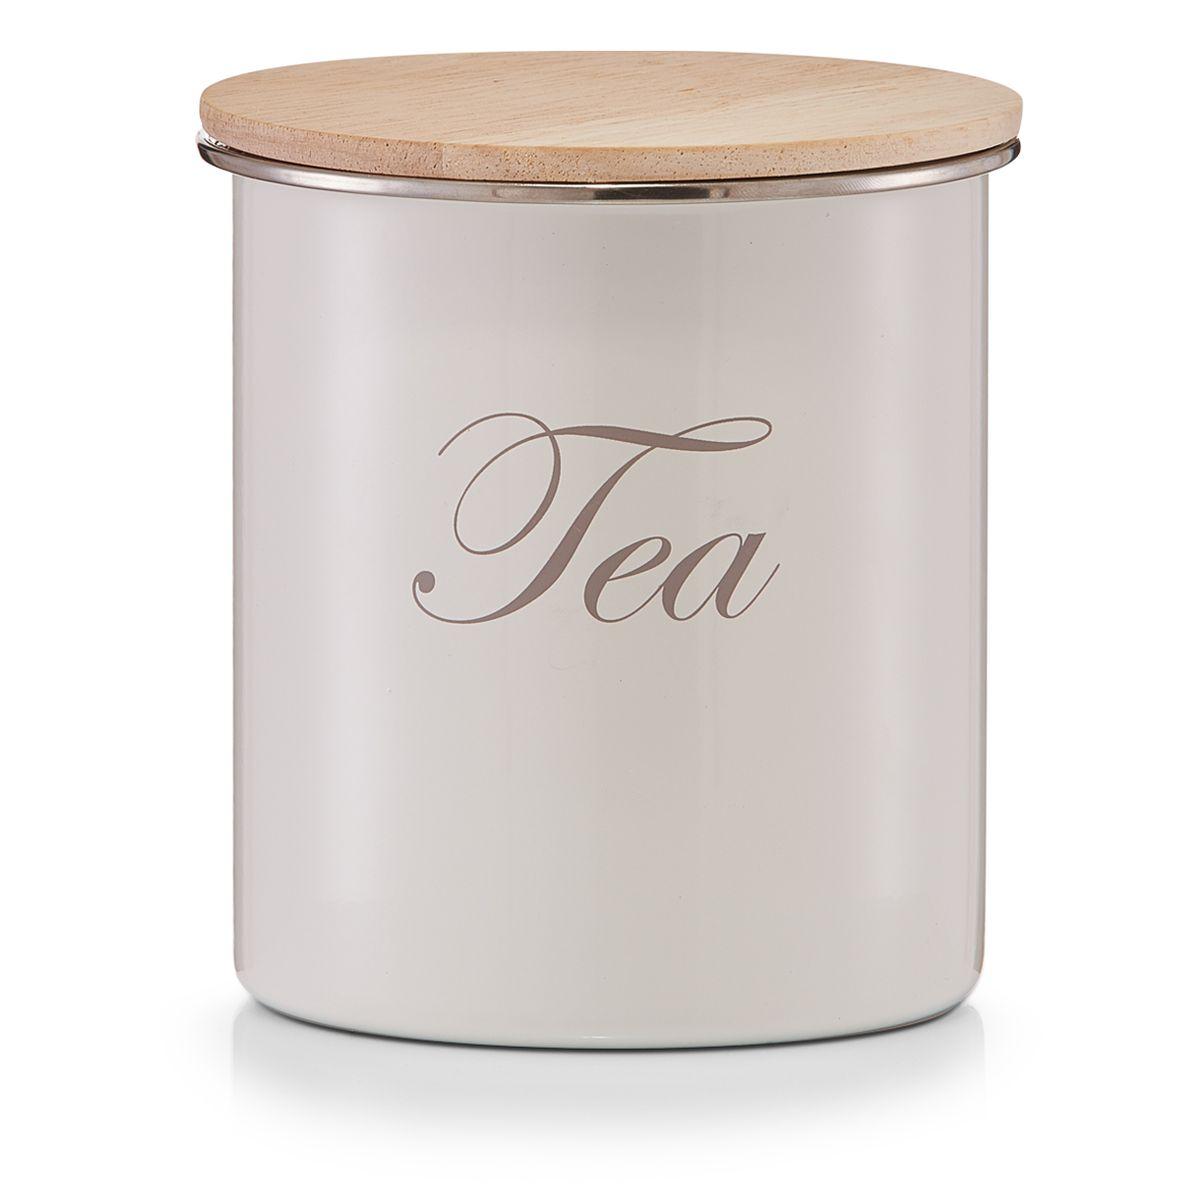 Банка для хранения Zeller Tea, 11,2 х 11,2 х 12,5 см19310